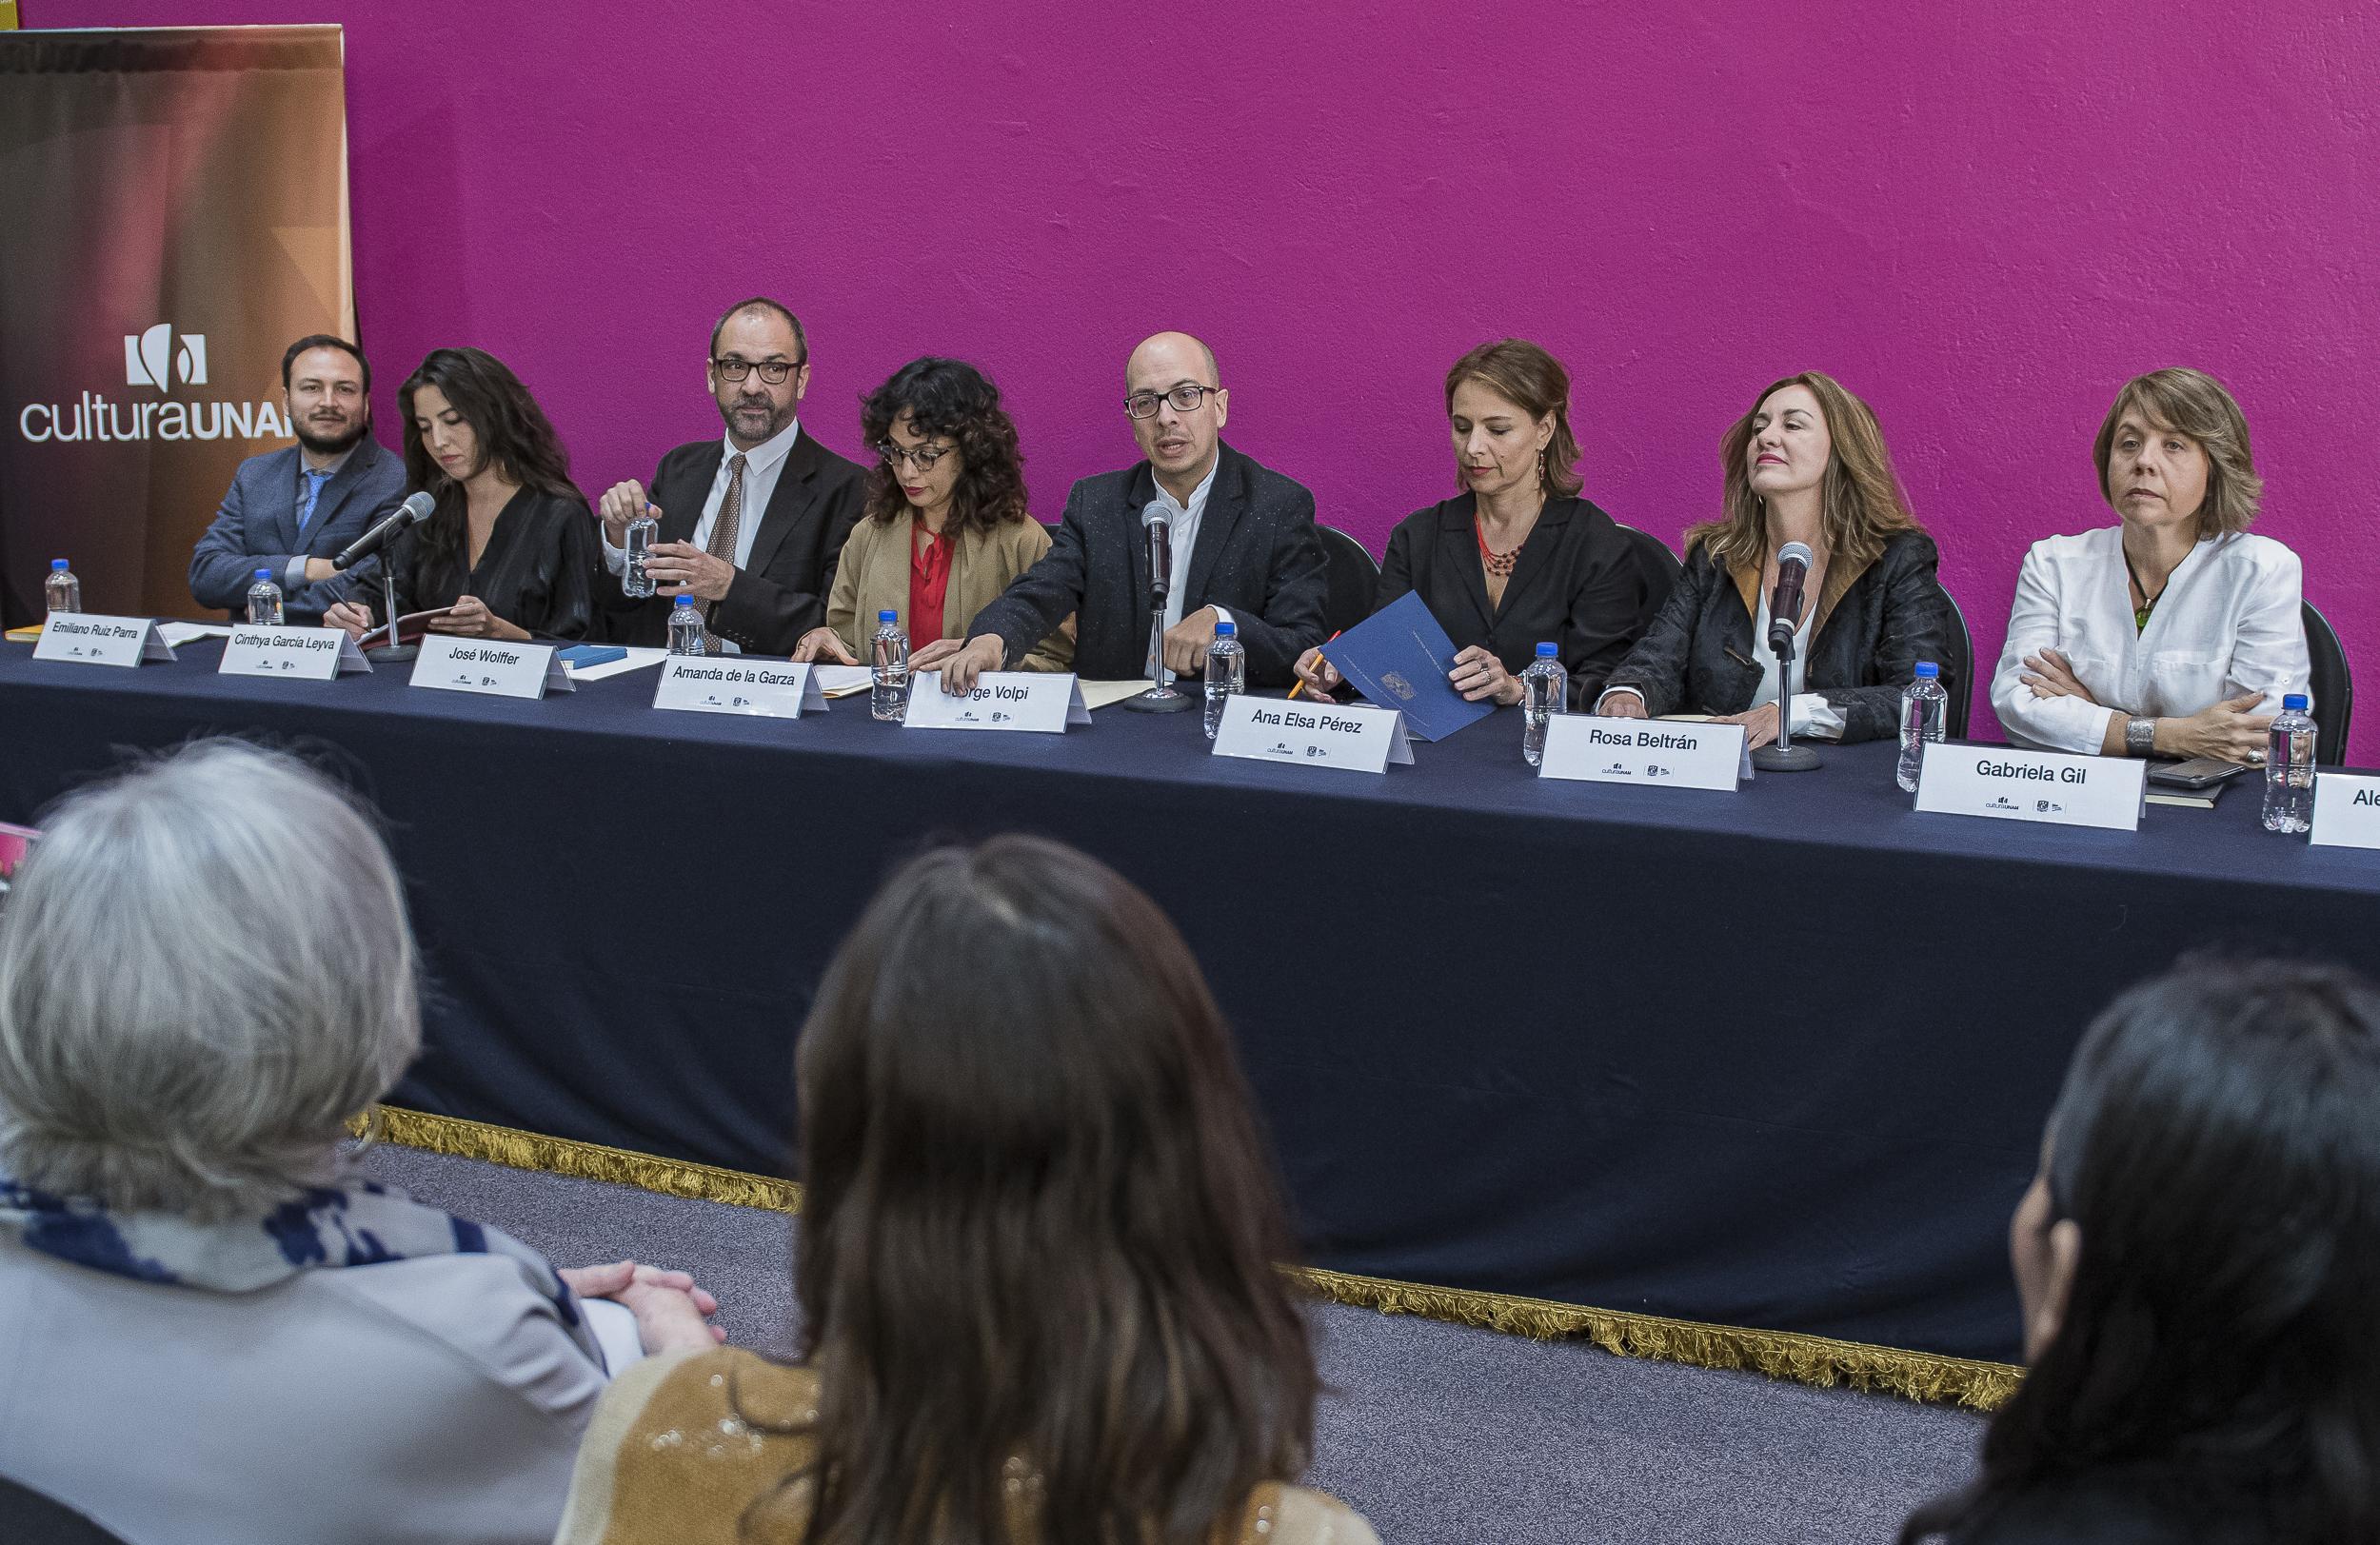 ANUNCIAN NUEVOS PROYECTOS Y NOMBRAMIENTOS EN CULTURA UNAM, CON EQUIDAD DE GÉNERO COMO EJE DE TRABAJO